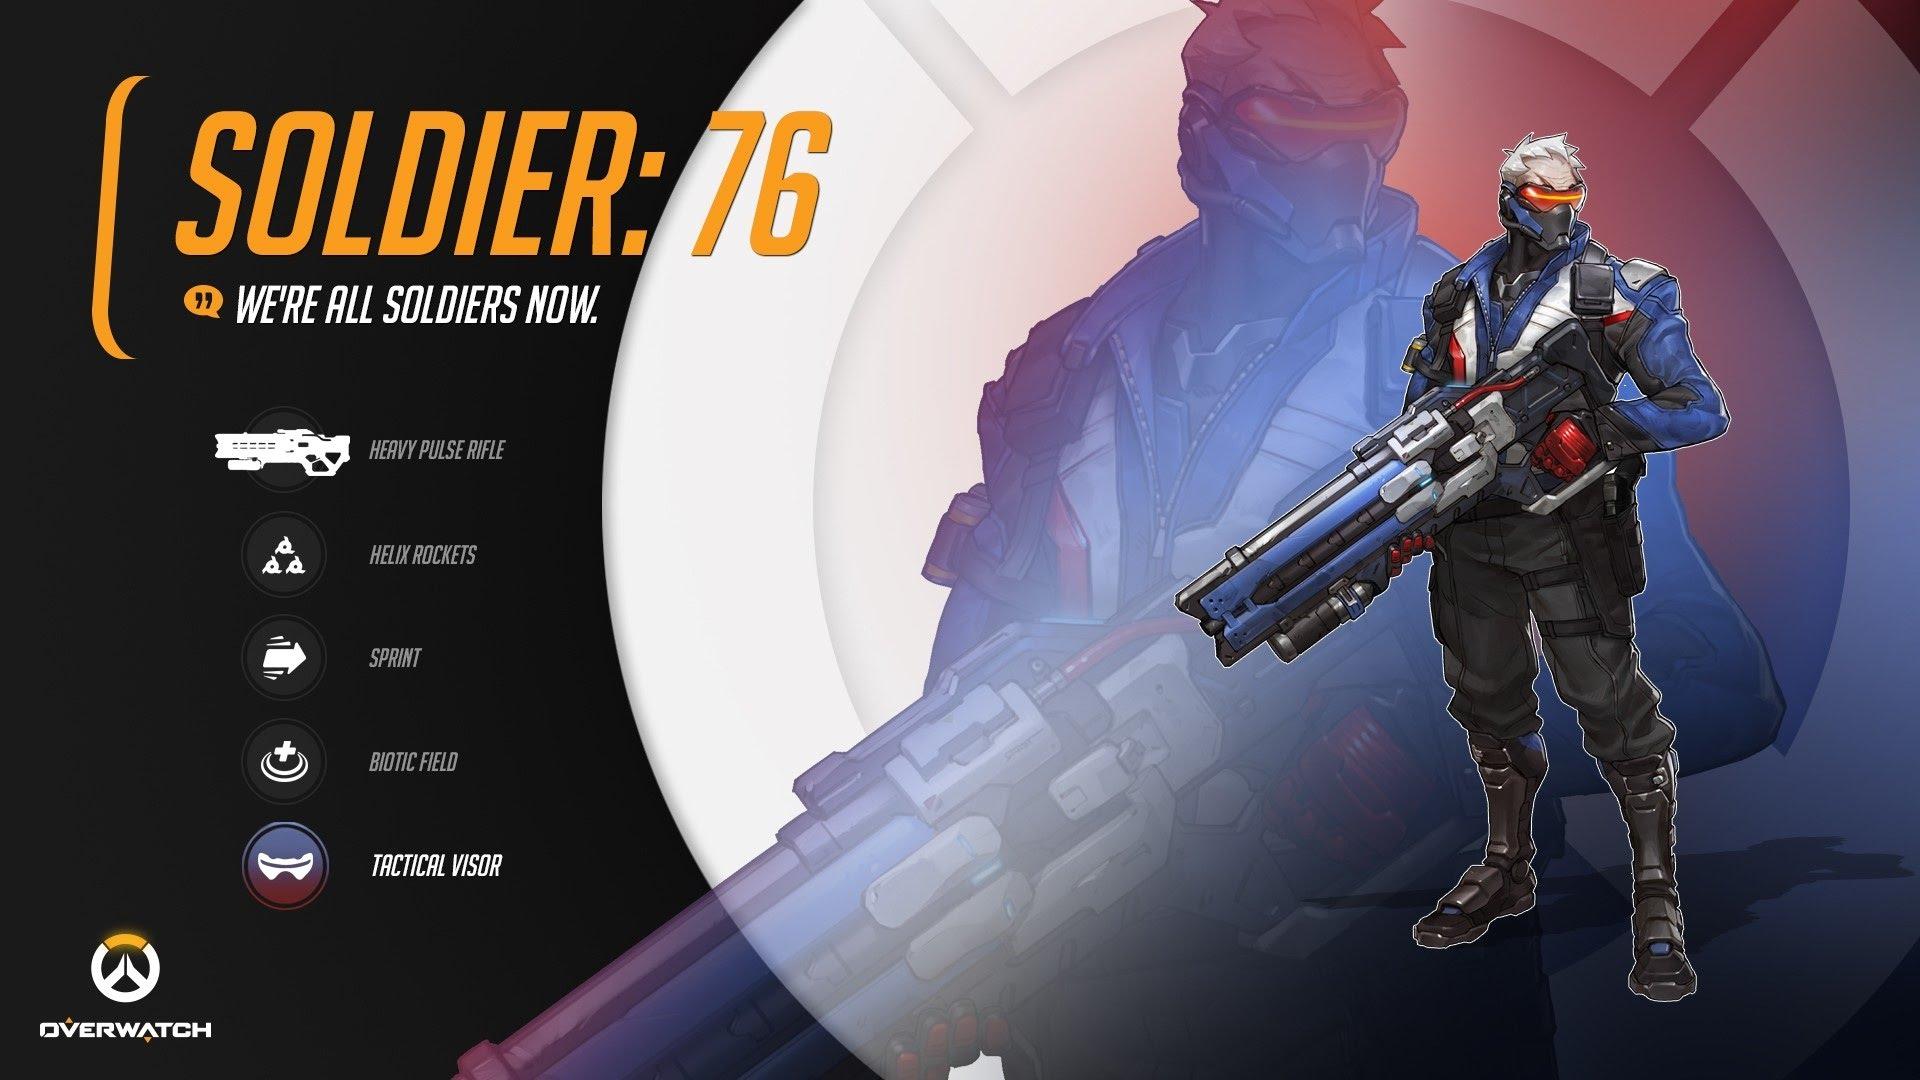 Overwatch : Soldier: 76 Free